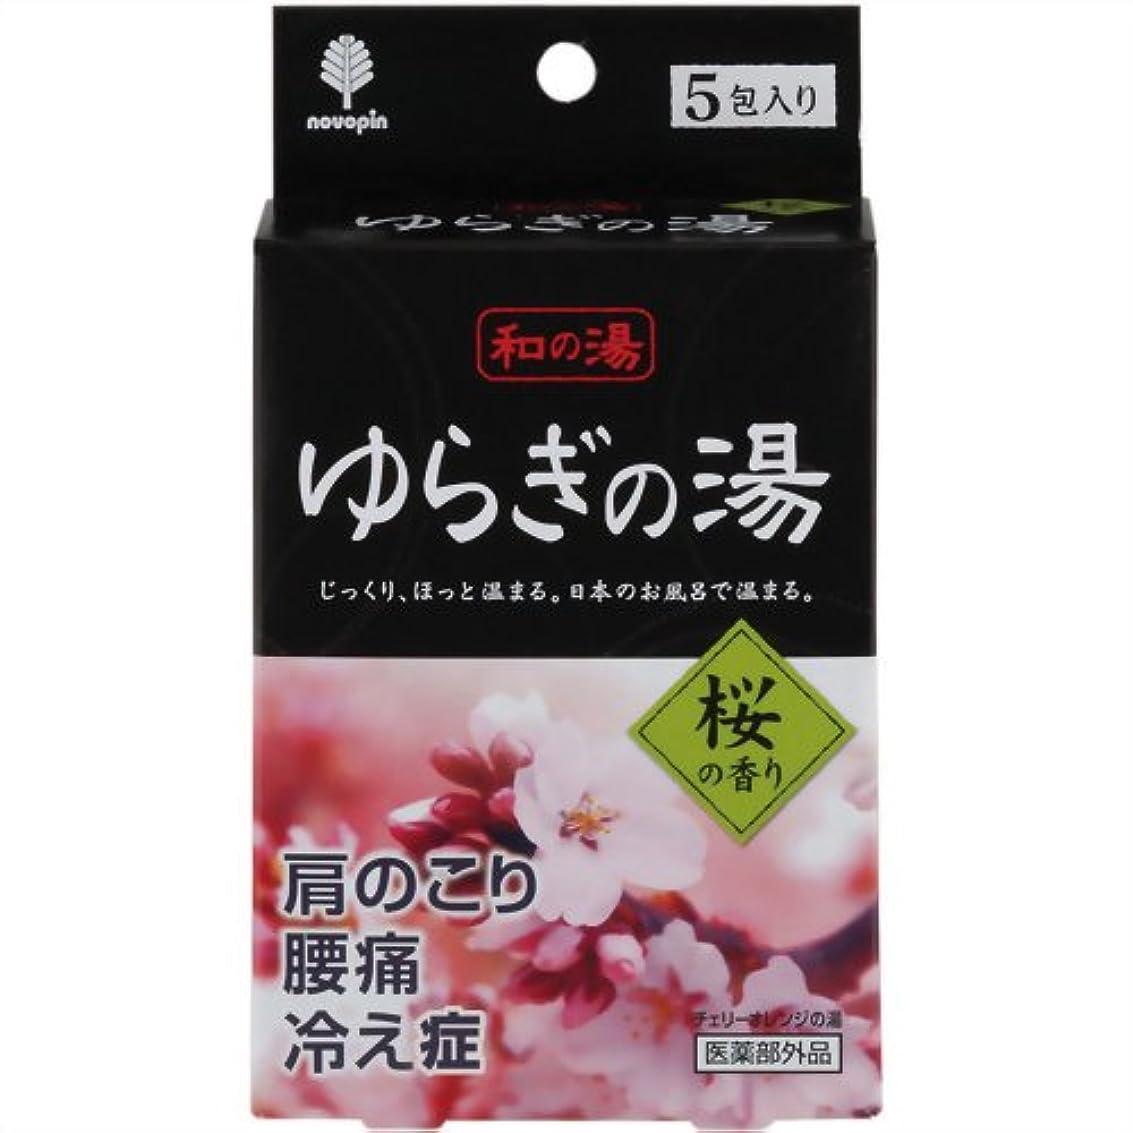 予備ケニア顔料和の湯 ゆらぎの湯 桜の香り 5包入